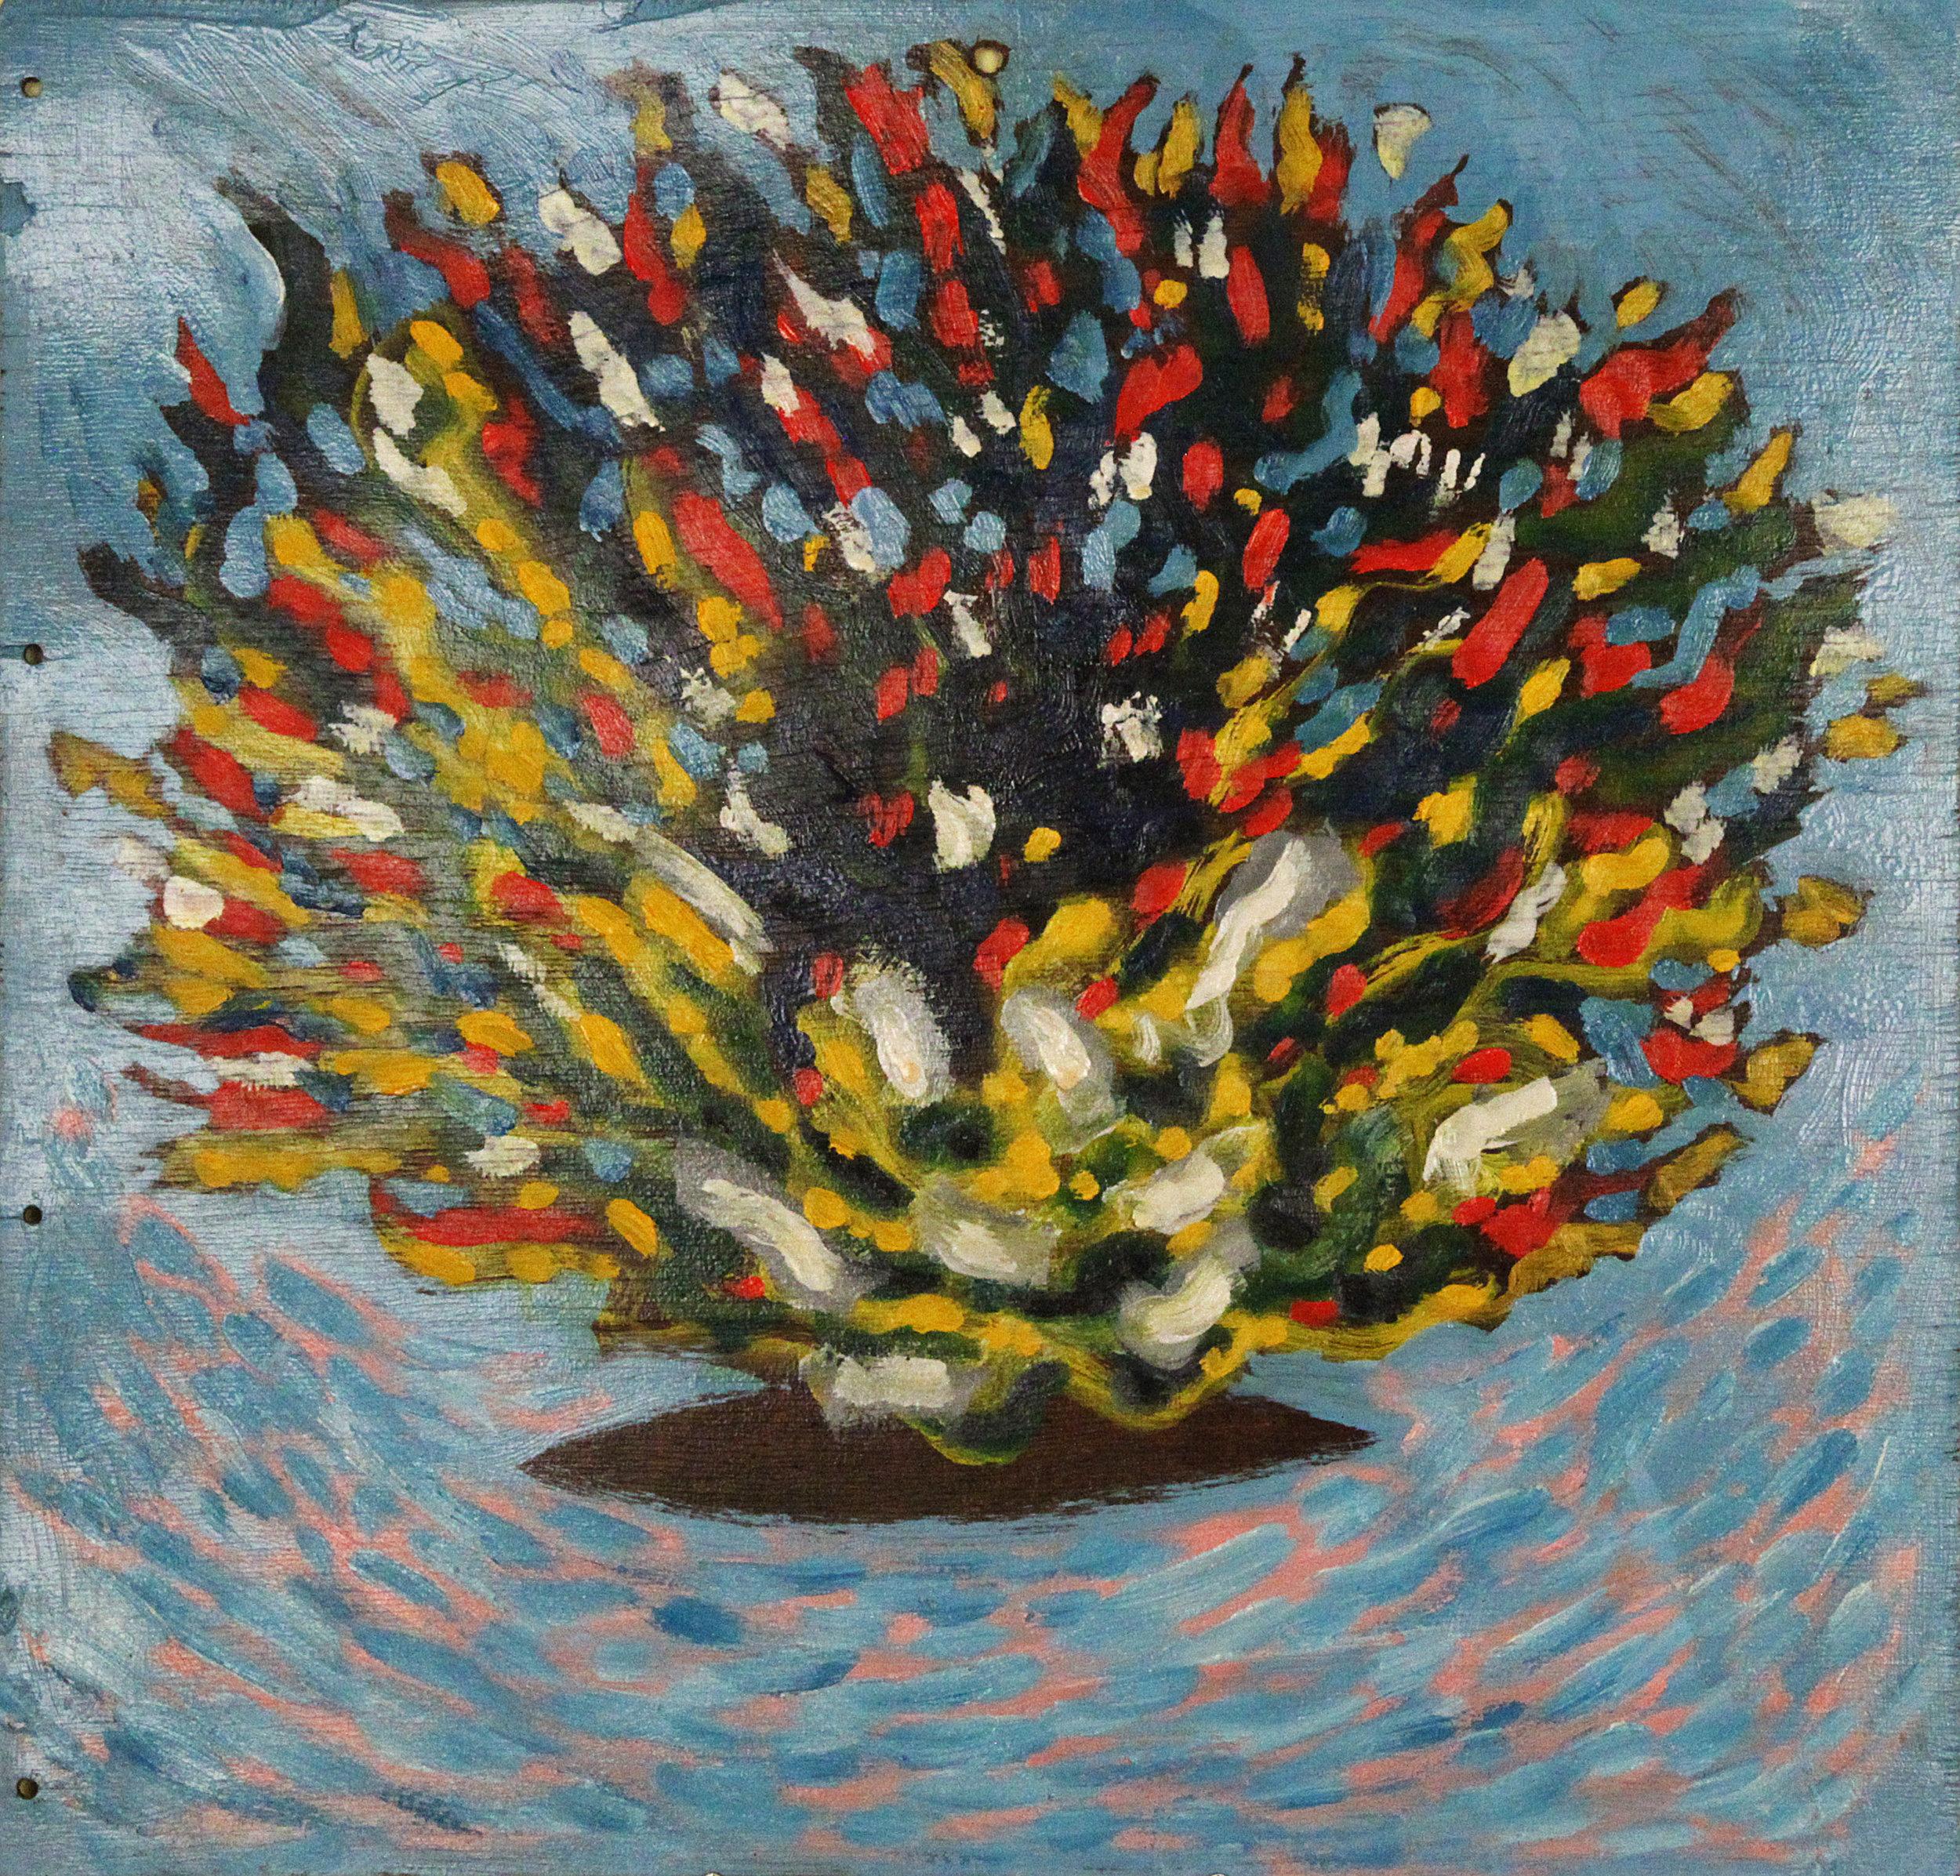 Pot de fleurs sur une mer bleu , 2003, huile sur bois / oil on wood, 13 in. x 13 ½ in. / 33 x 34,29 cm.